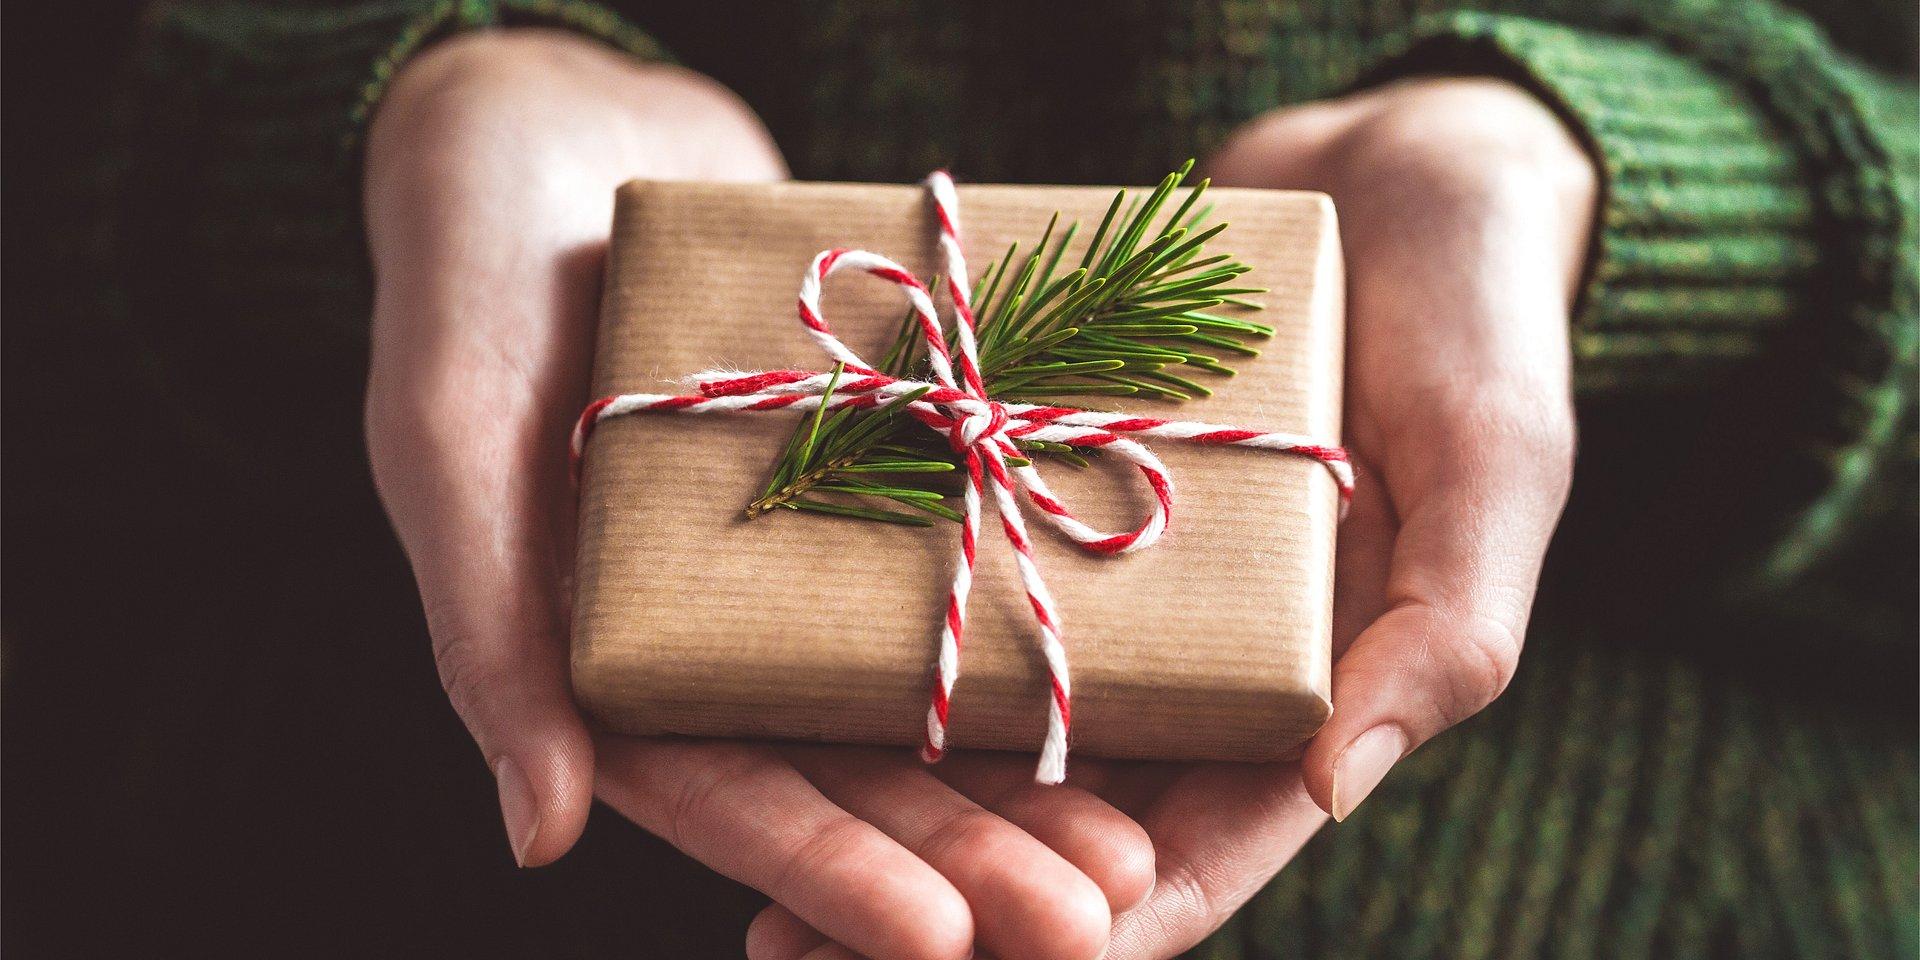 Świąteczny prezentownik – zatroszcz się o zdrowie najbliższych